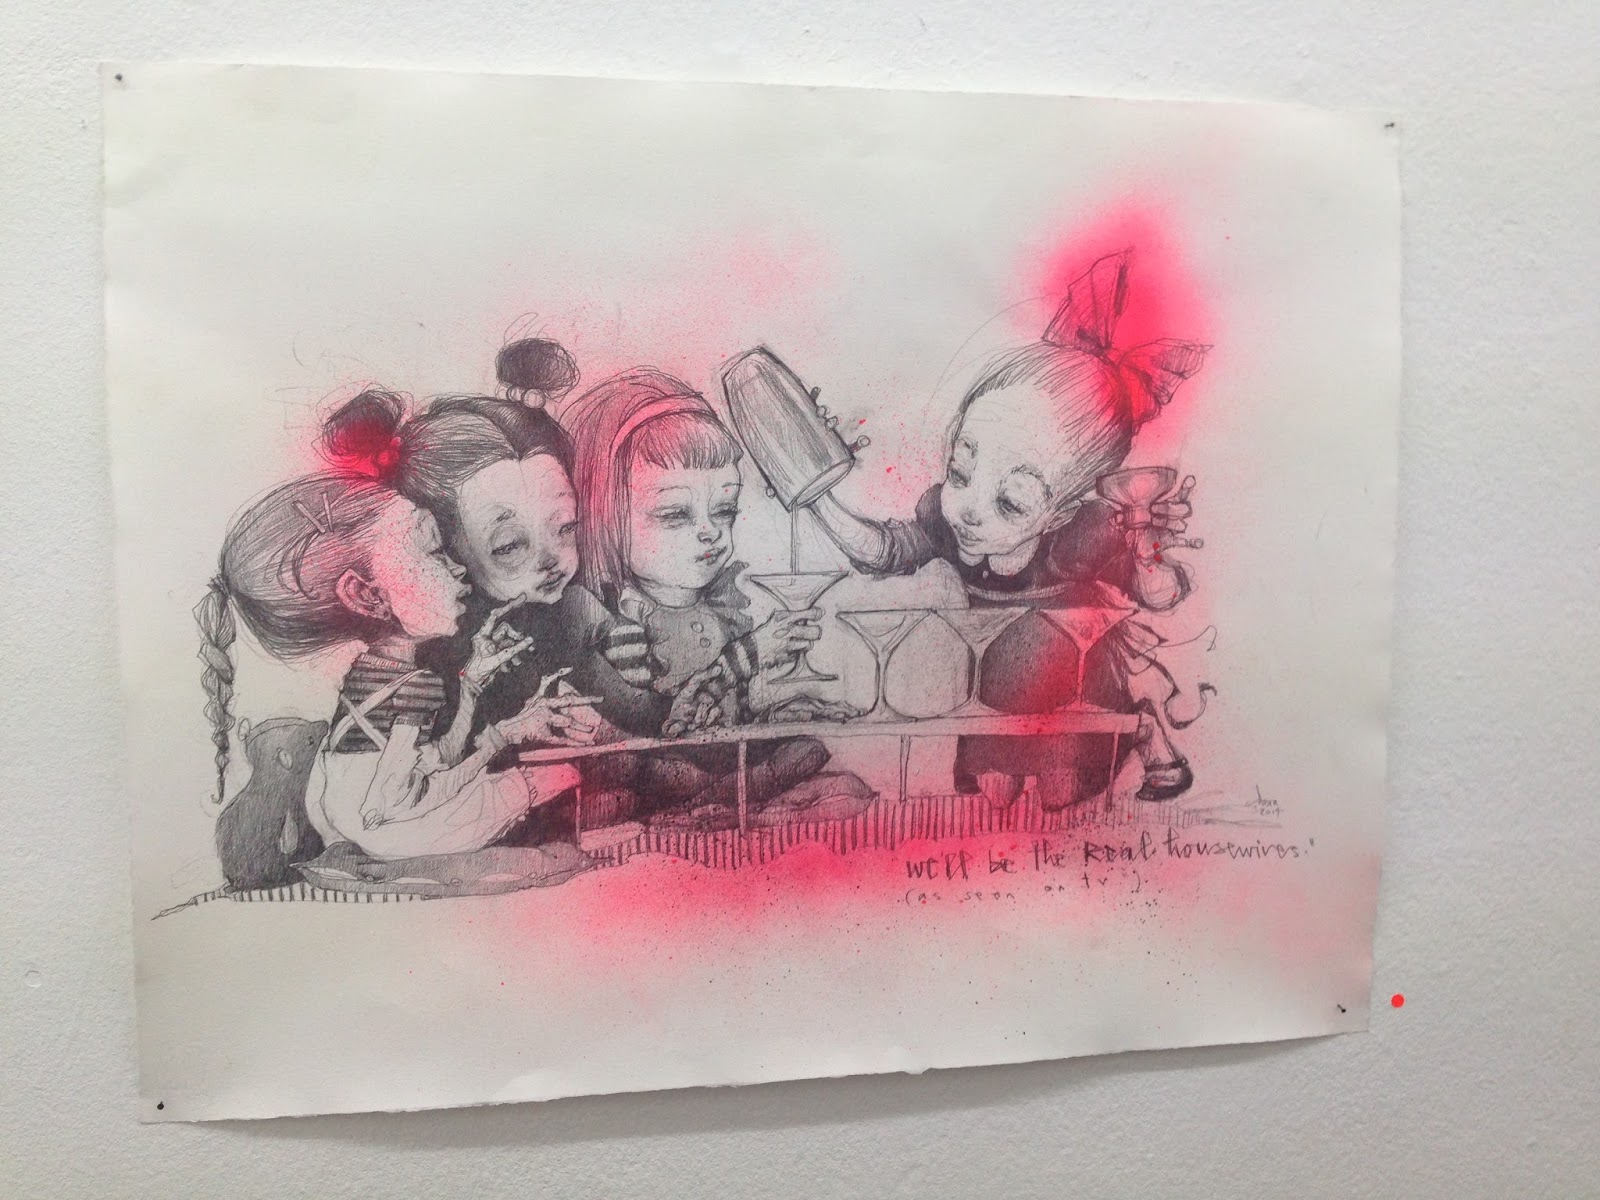 Atomlabor Blog - Flaw Circus – die aktuelle Ausstellung von Herakut in Köln